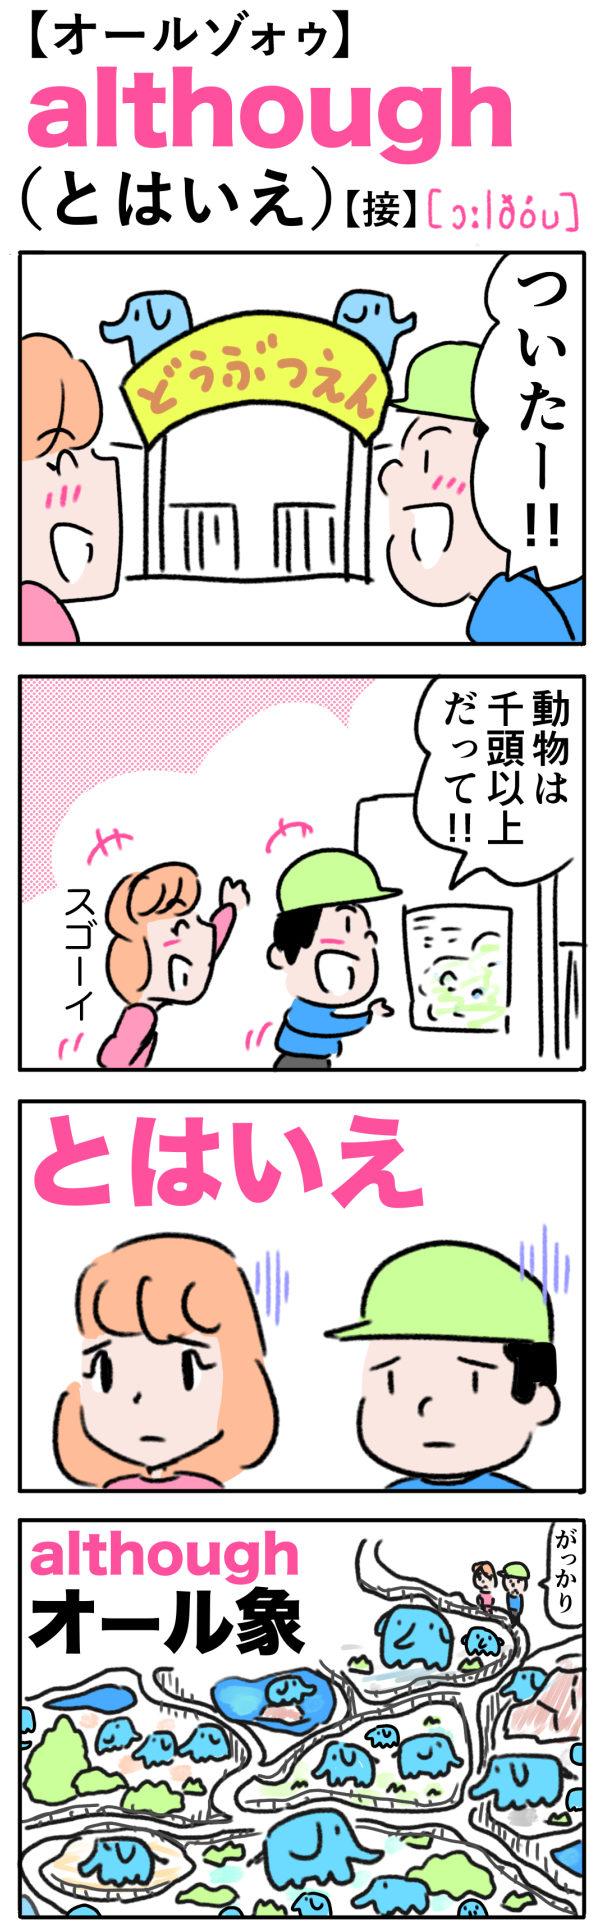 although(とはいえ)の語呂合わせ英単語